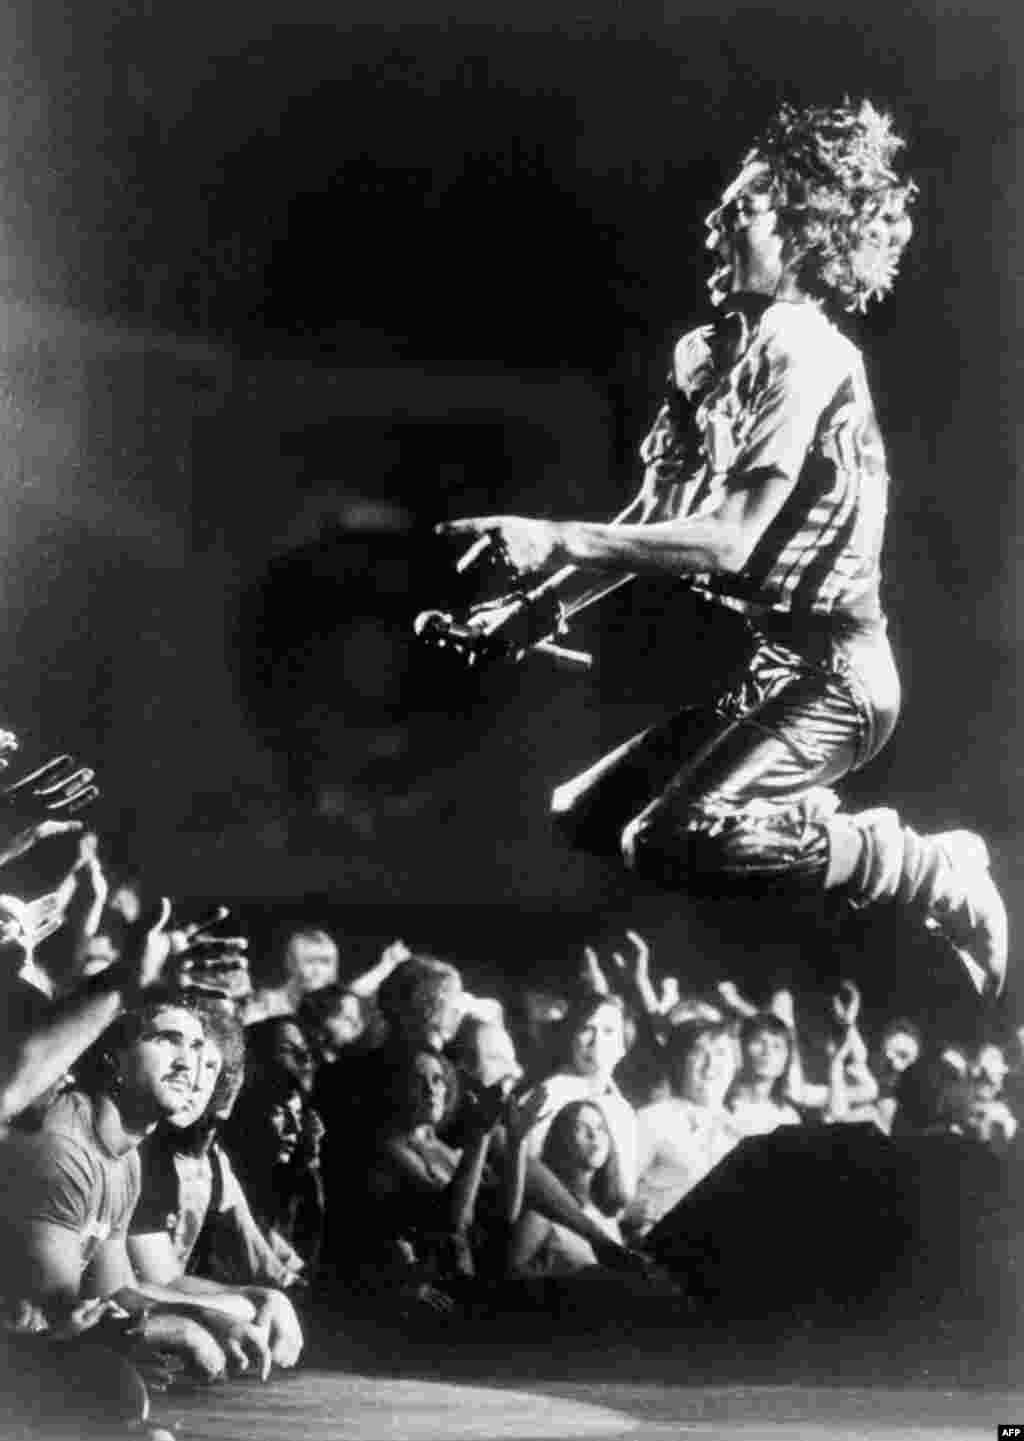 ჯგუფმა - რომლის ეს ფოტო აშშ-ის ქალაქ ატლანტაში, 1978 წელს არის გადაღებული - დიდ ბრიტანეთში გამოუშვა 22 სტუდიური ალბომი (აშშ-ში - 24), 11 ლაივ-ალბომი (აშშ-ში - 12) და უამრავი კრებული.